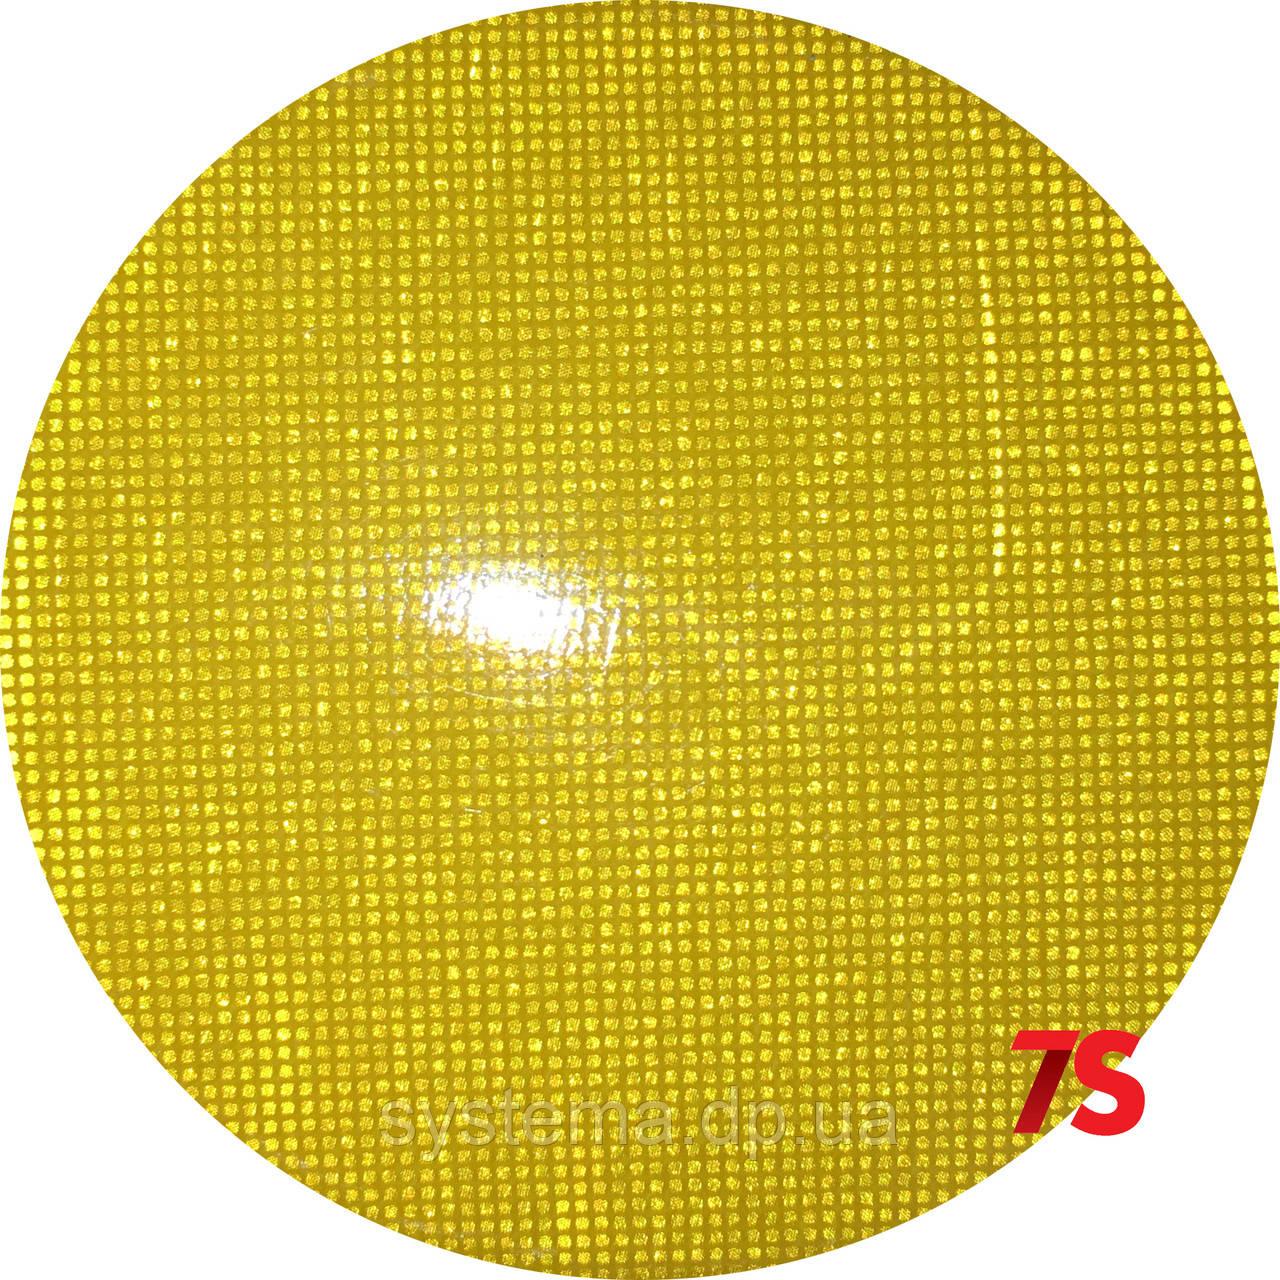 Катафот (отражатель) с оптической системой из микропризм на самоклейке круглый д. 50 мм, желтый